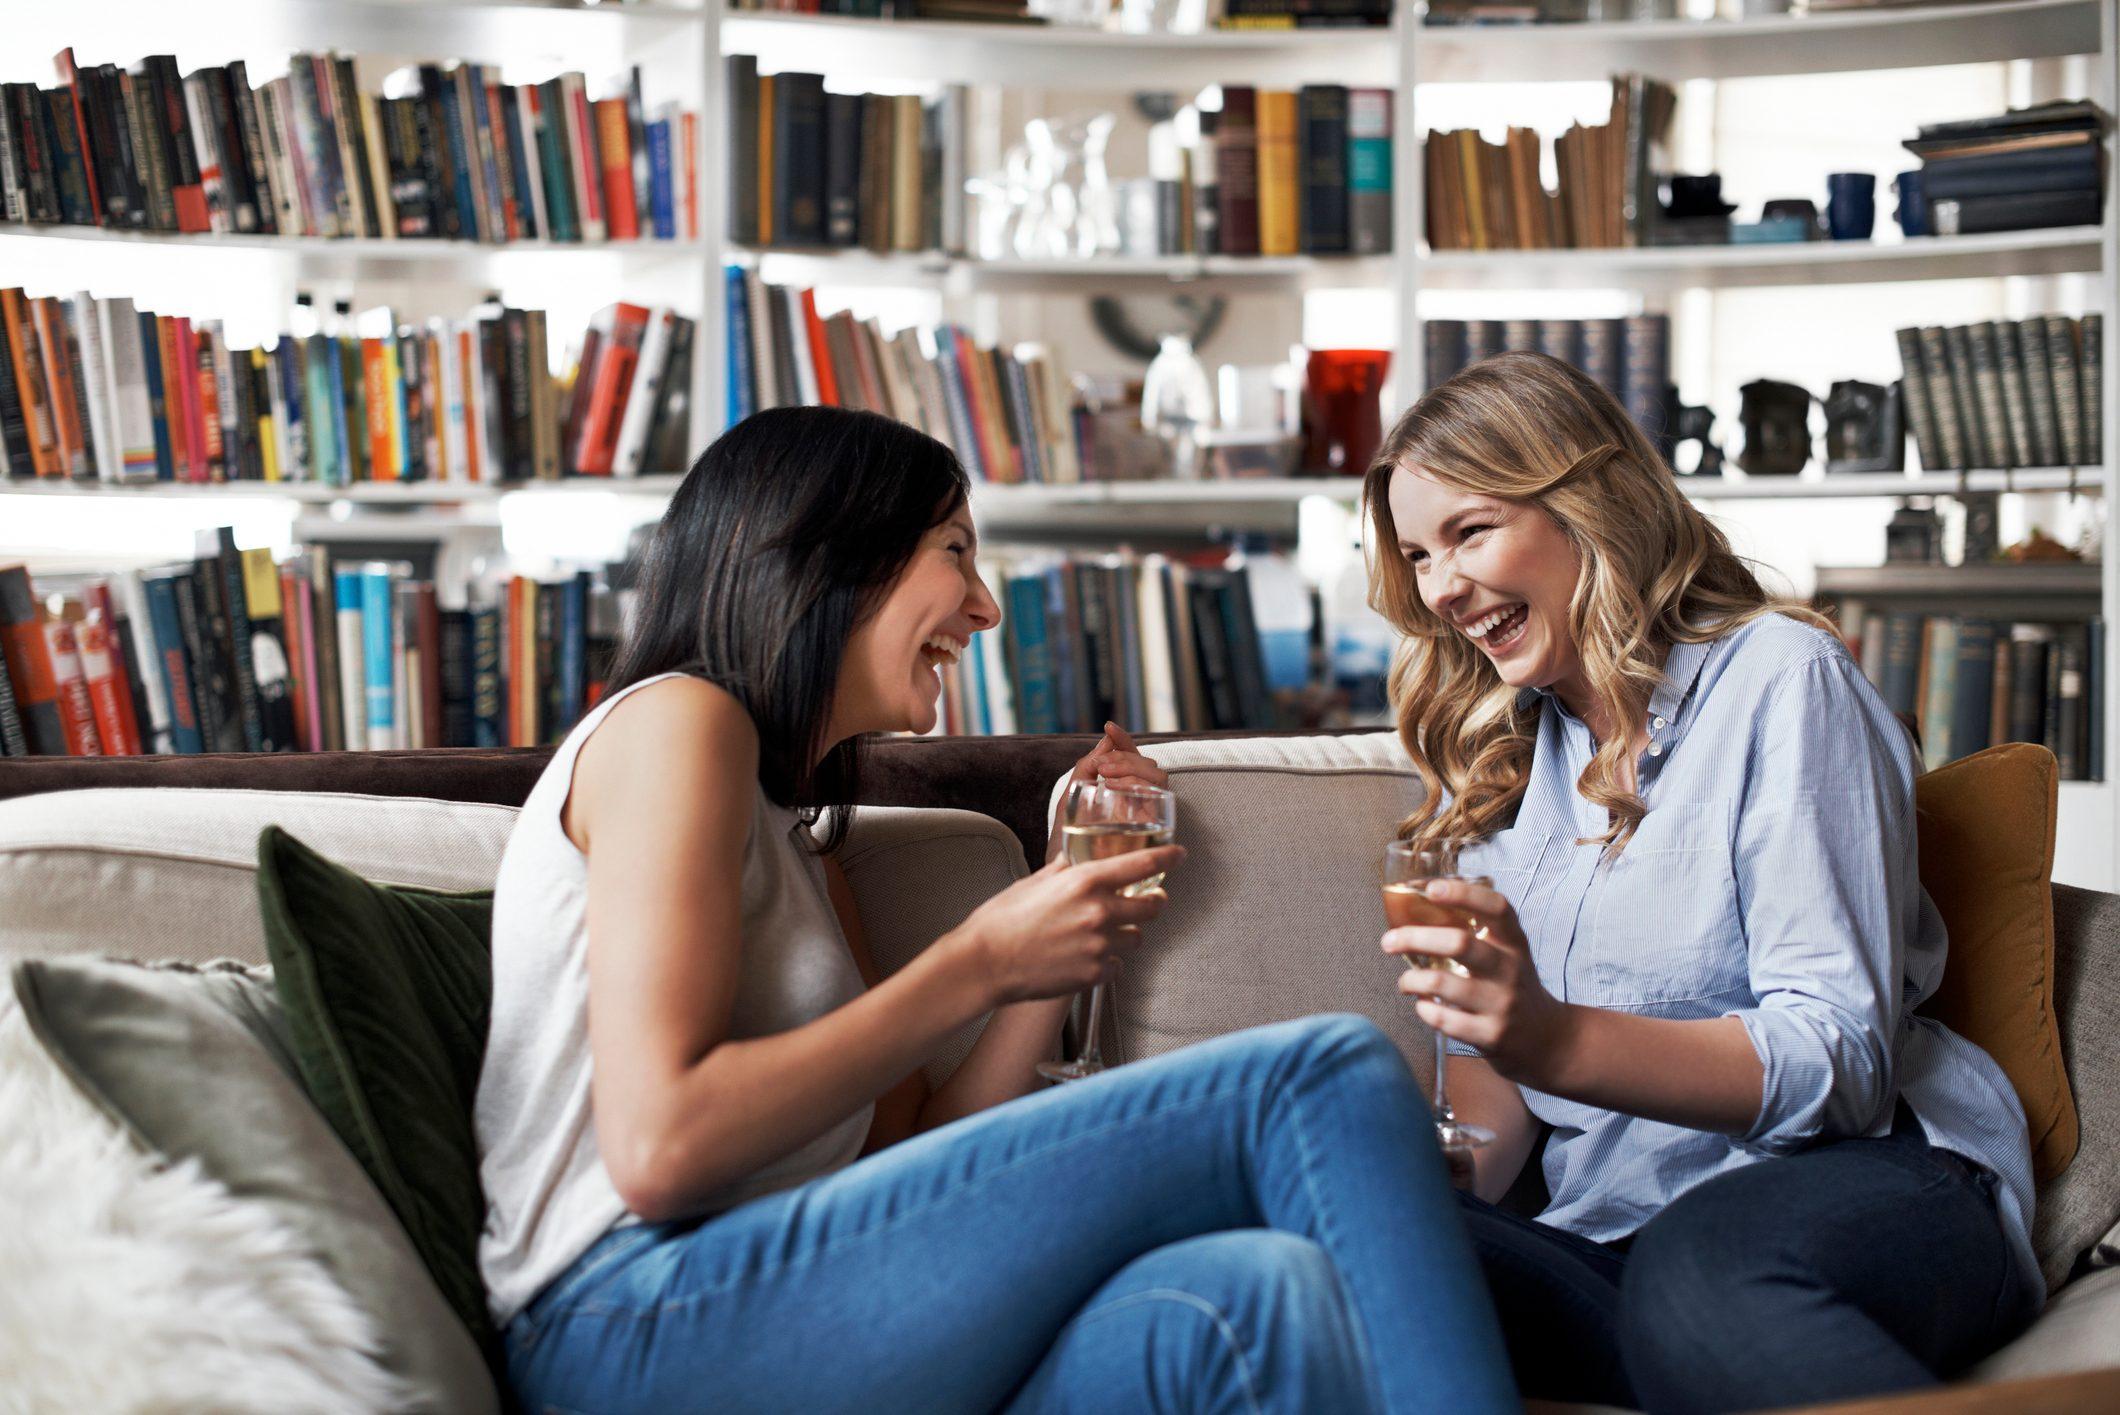 Women sitting on sofa laughing